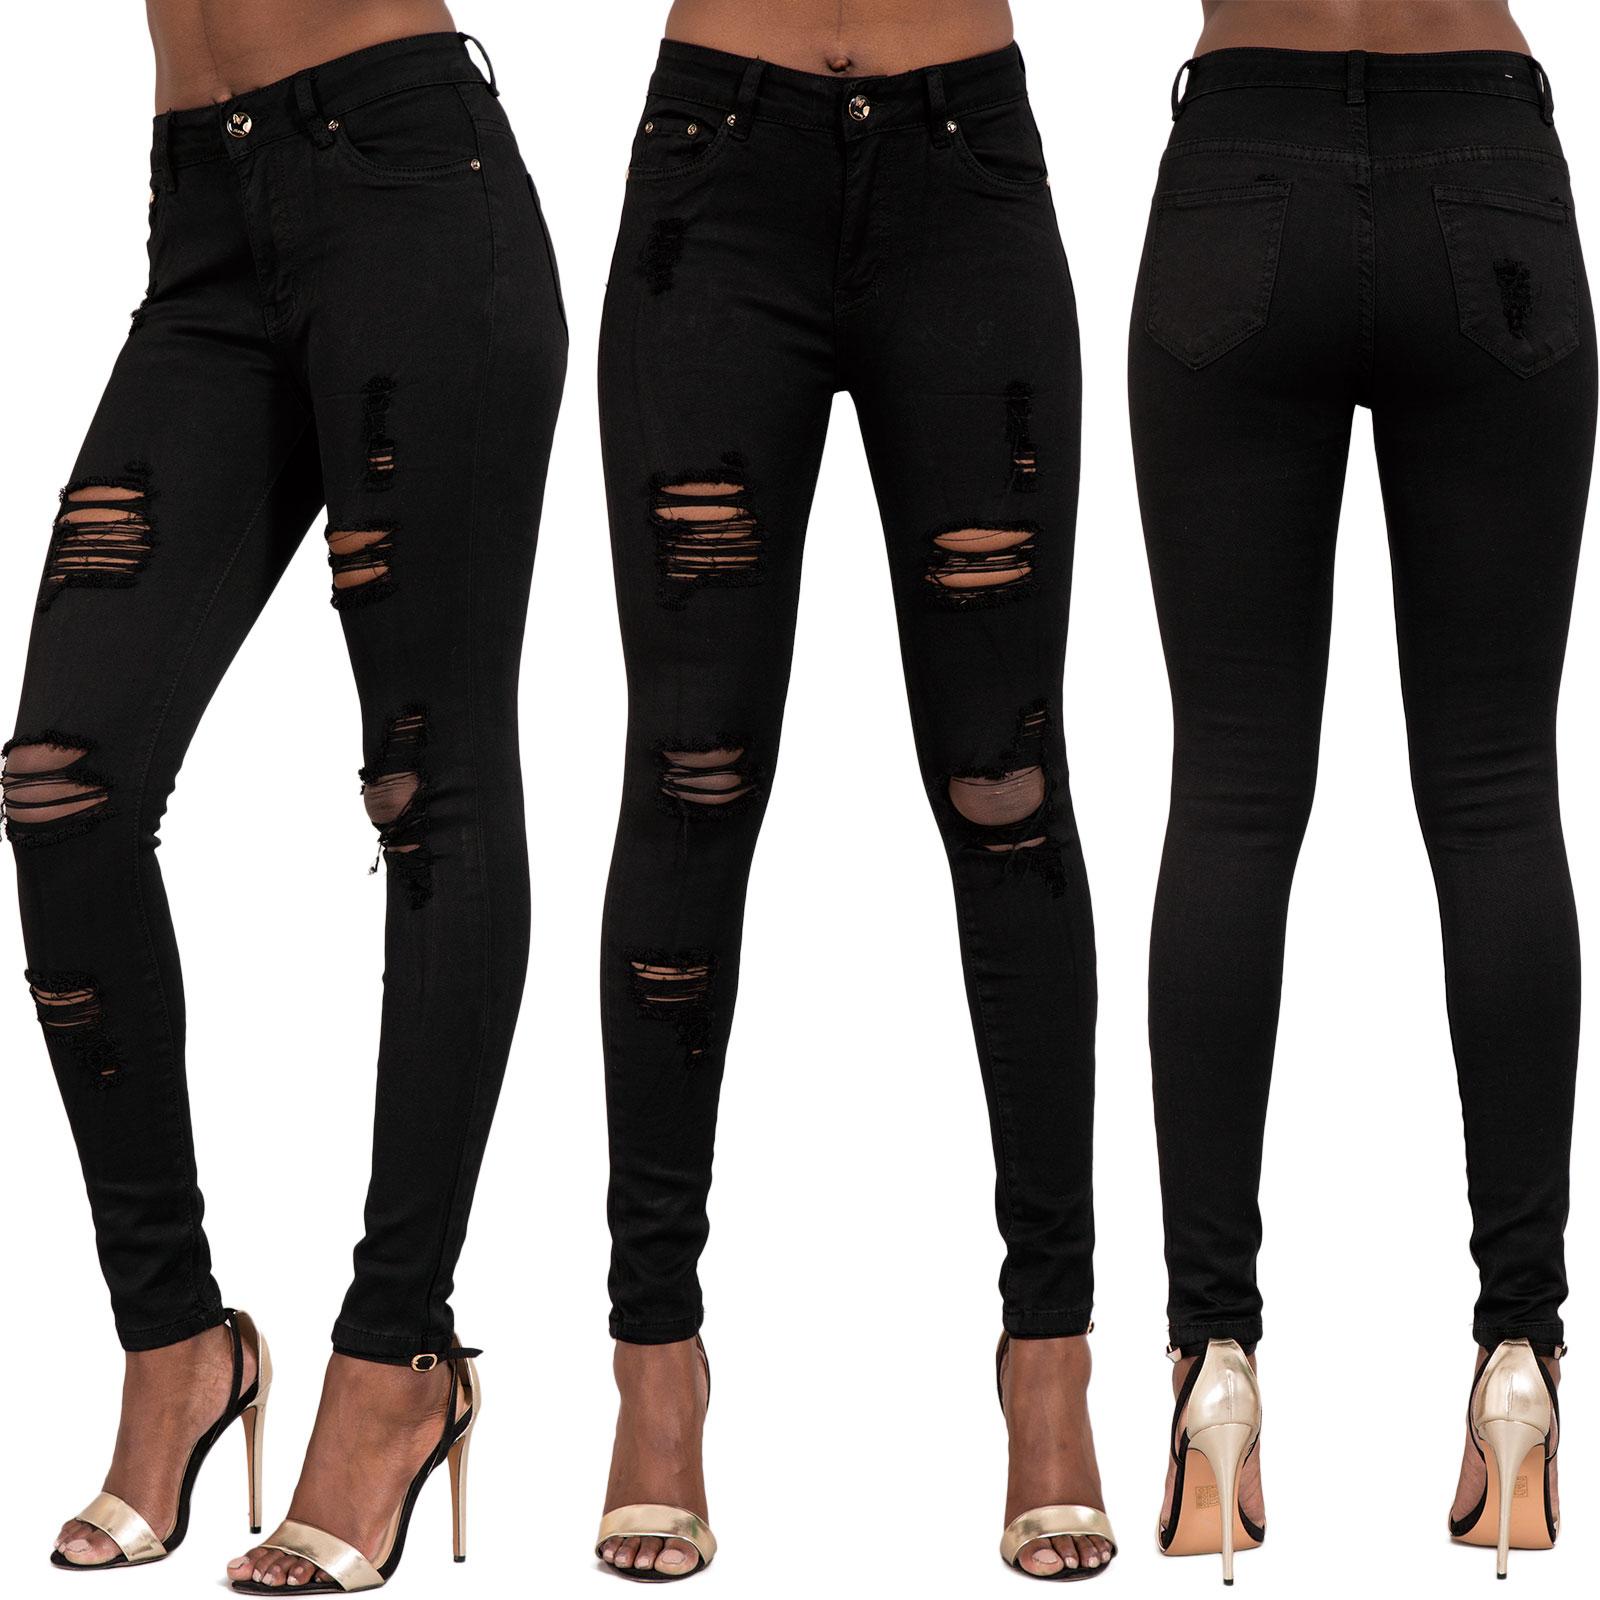 Frauen hoch tailliert zerrissene jeans damen verwaschen - Zerrissene jeans damen ...